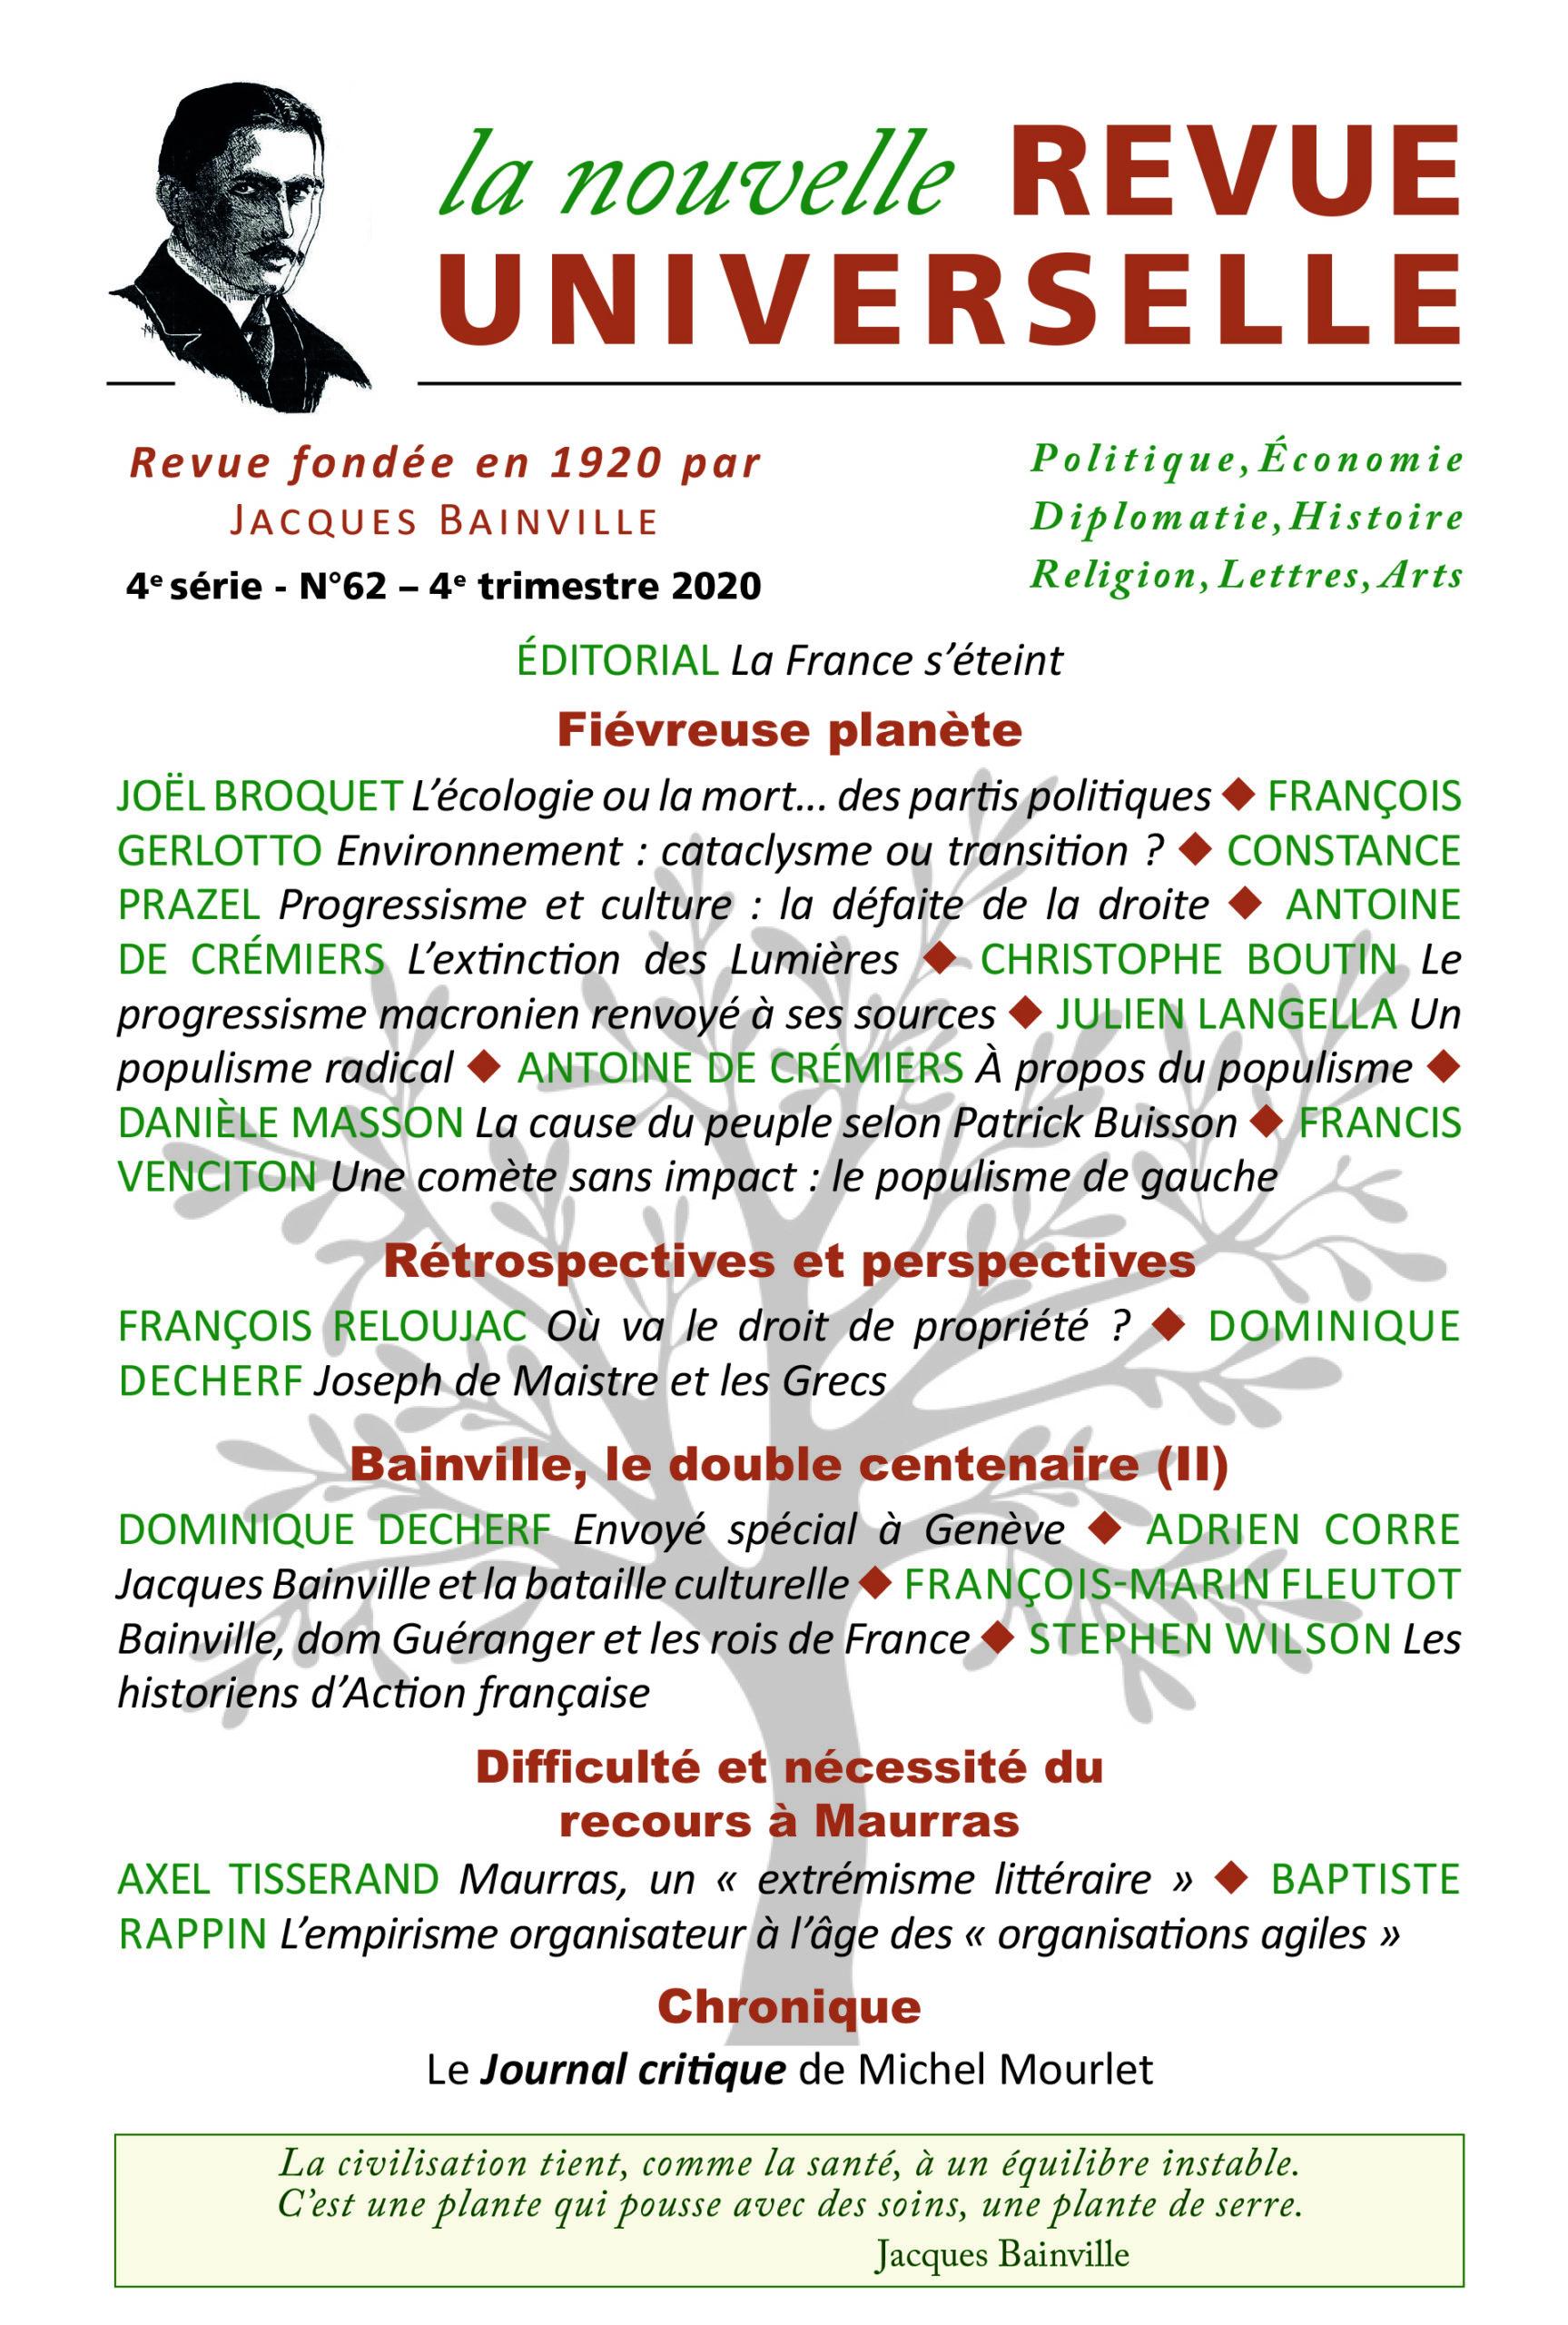 Couverture La Nouvelle Revue Universelle - Sommaire du numéro 62